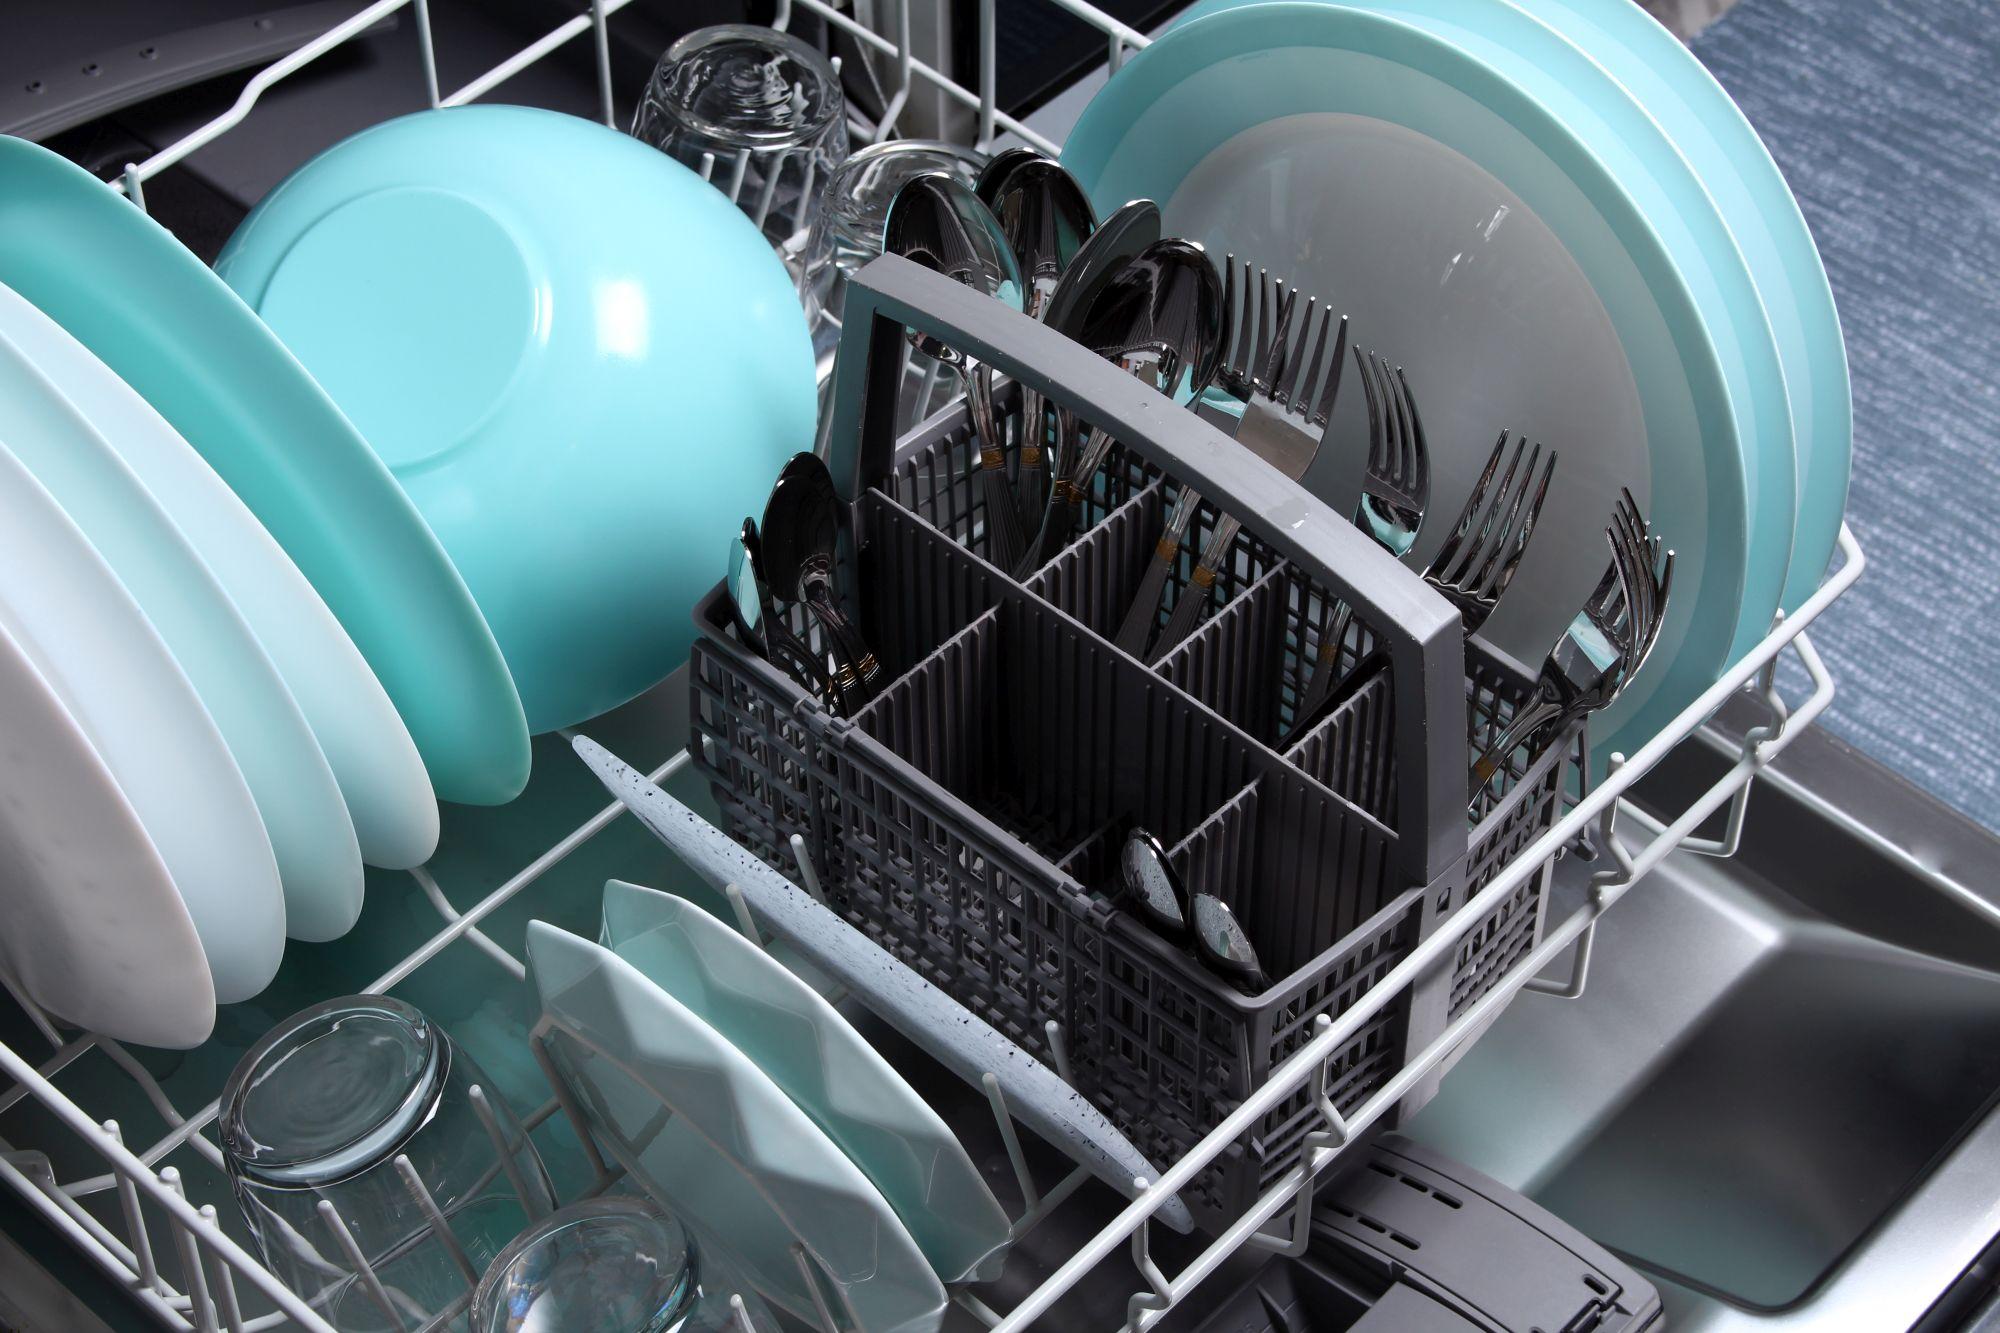 Nyitott mosogatógép edényekkel